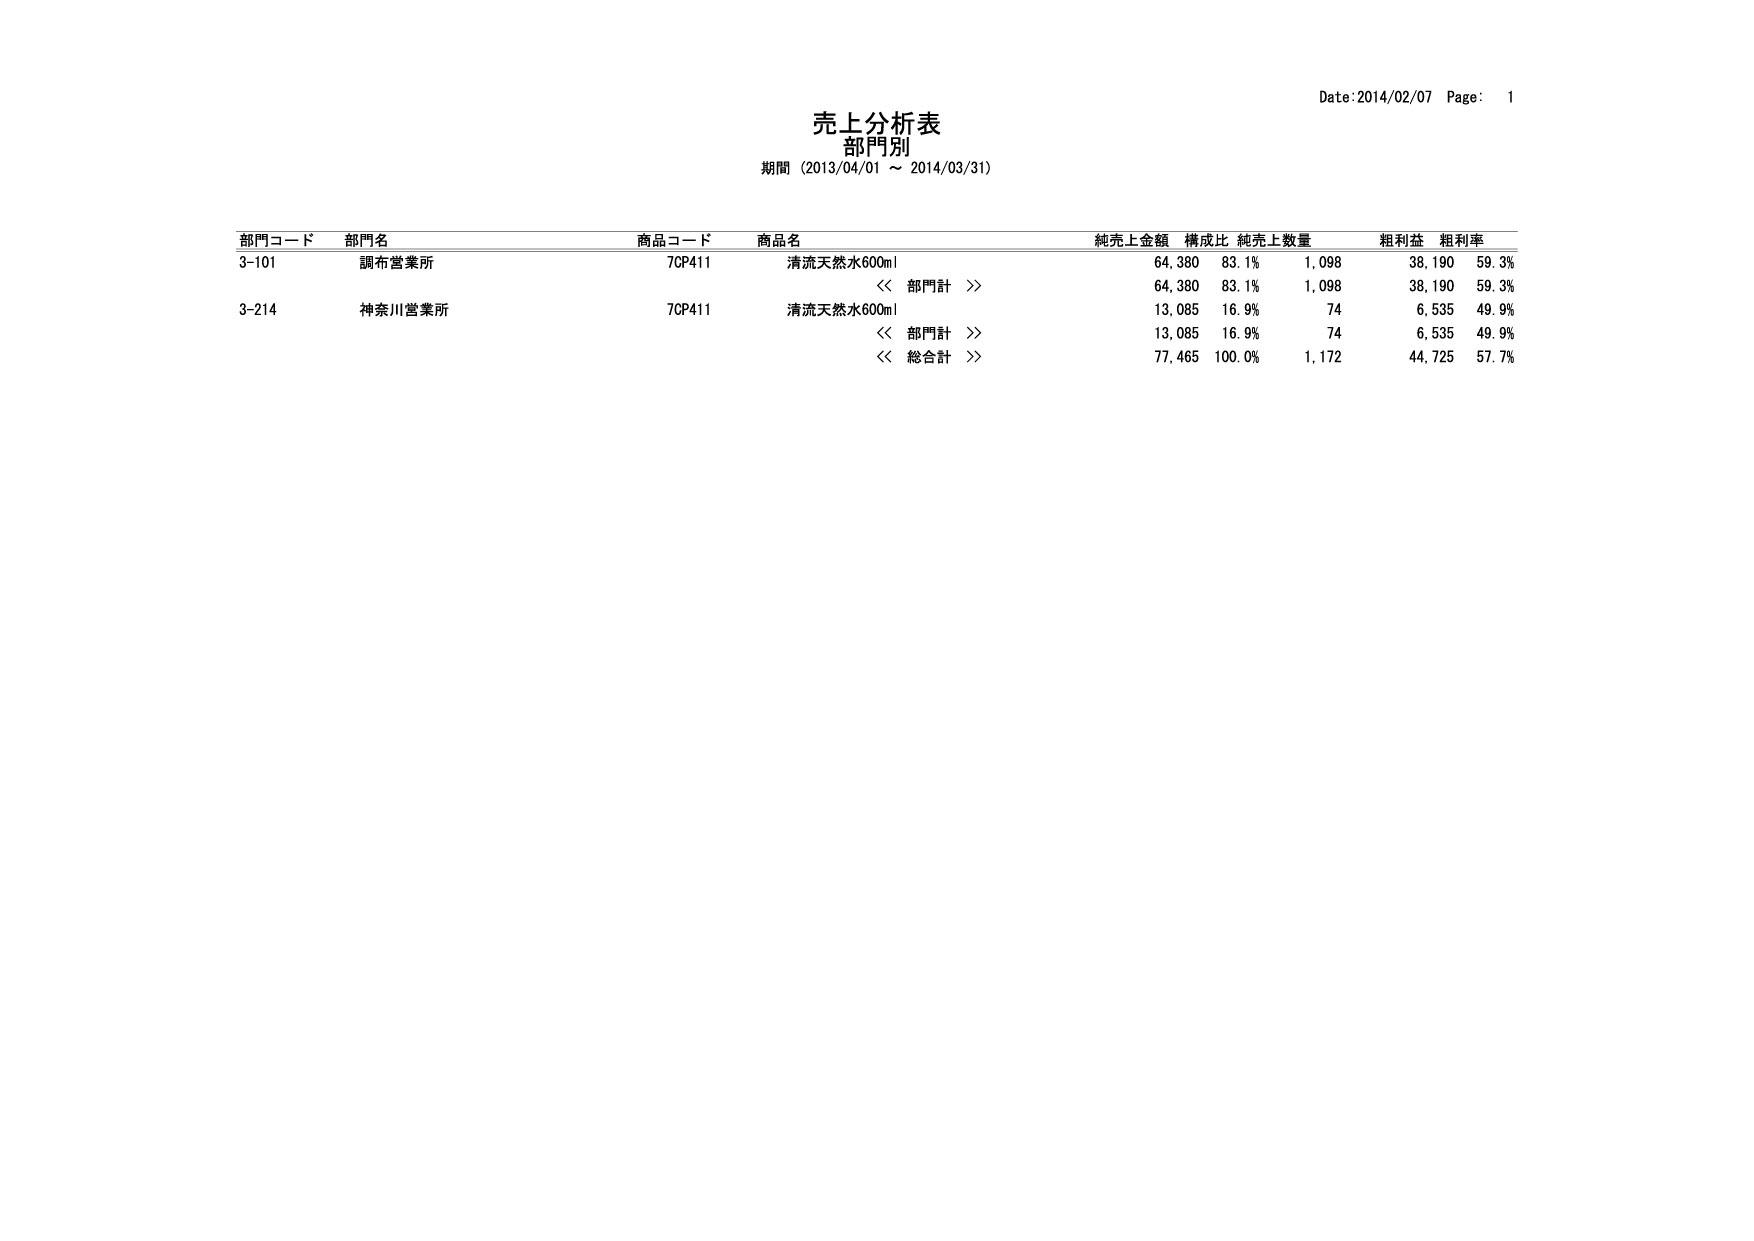 売上分析表